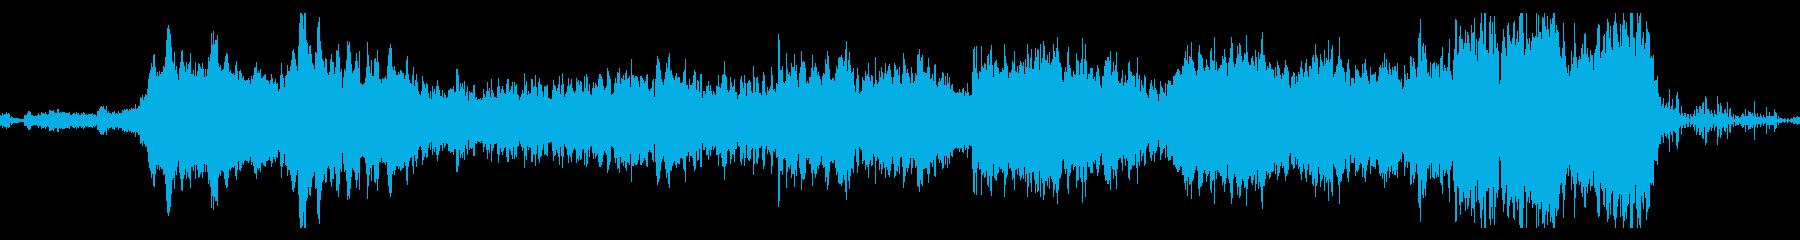 神秘的なPV用BGMの再生済みの波形